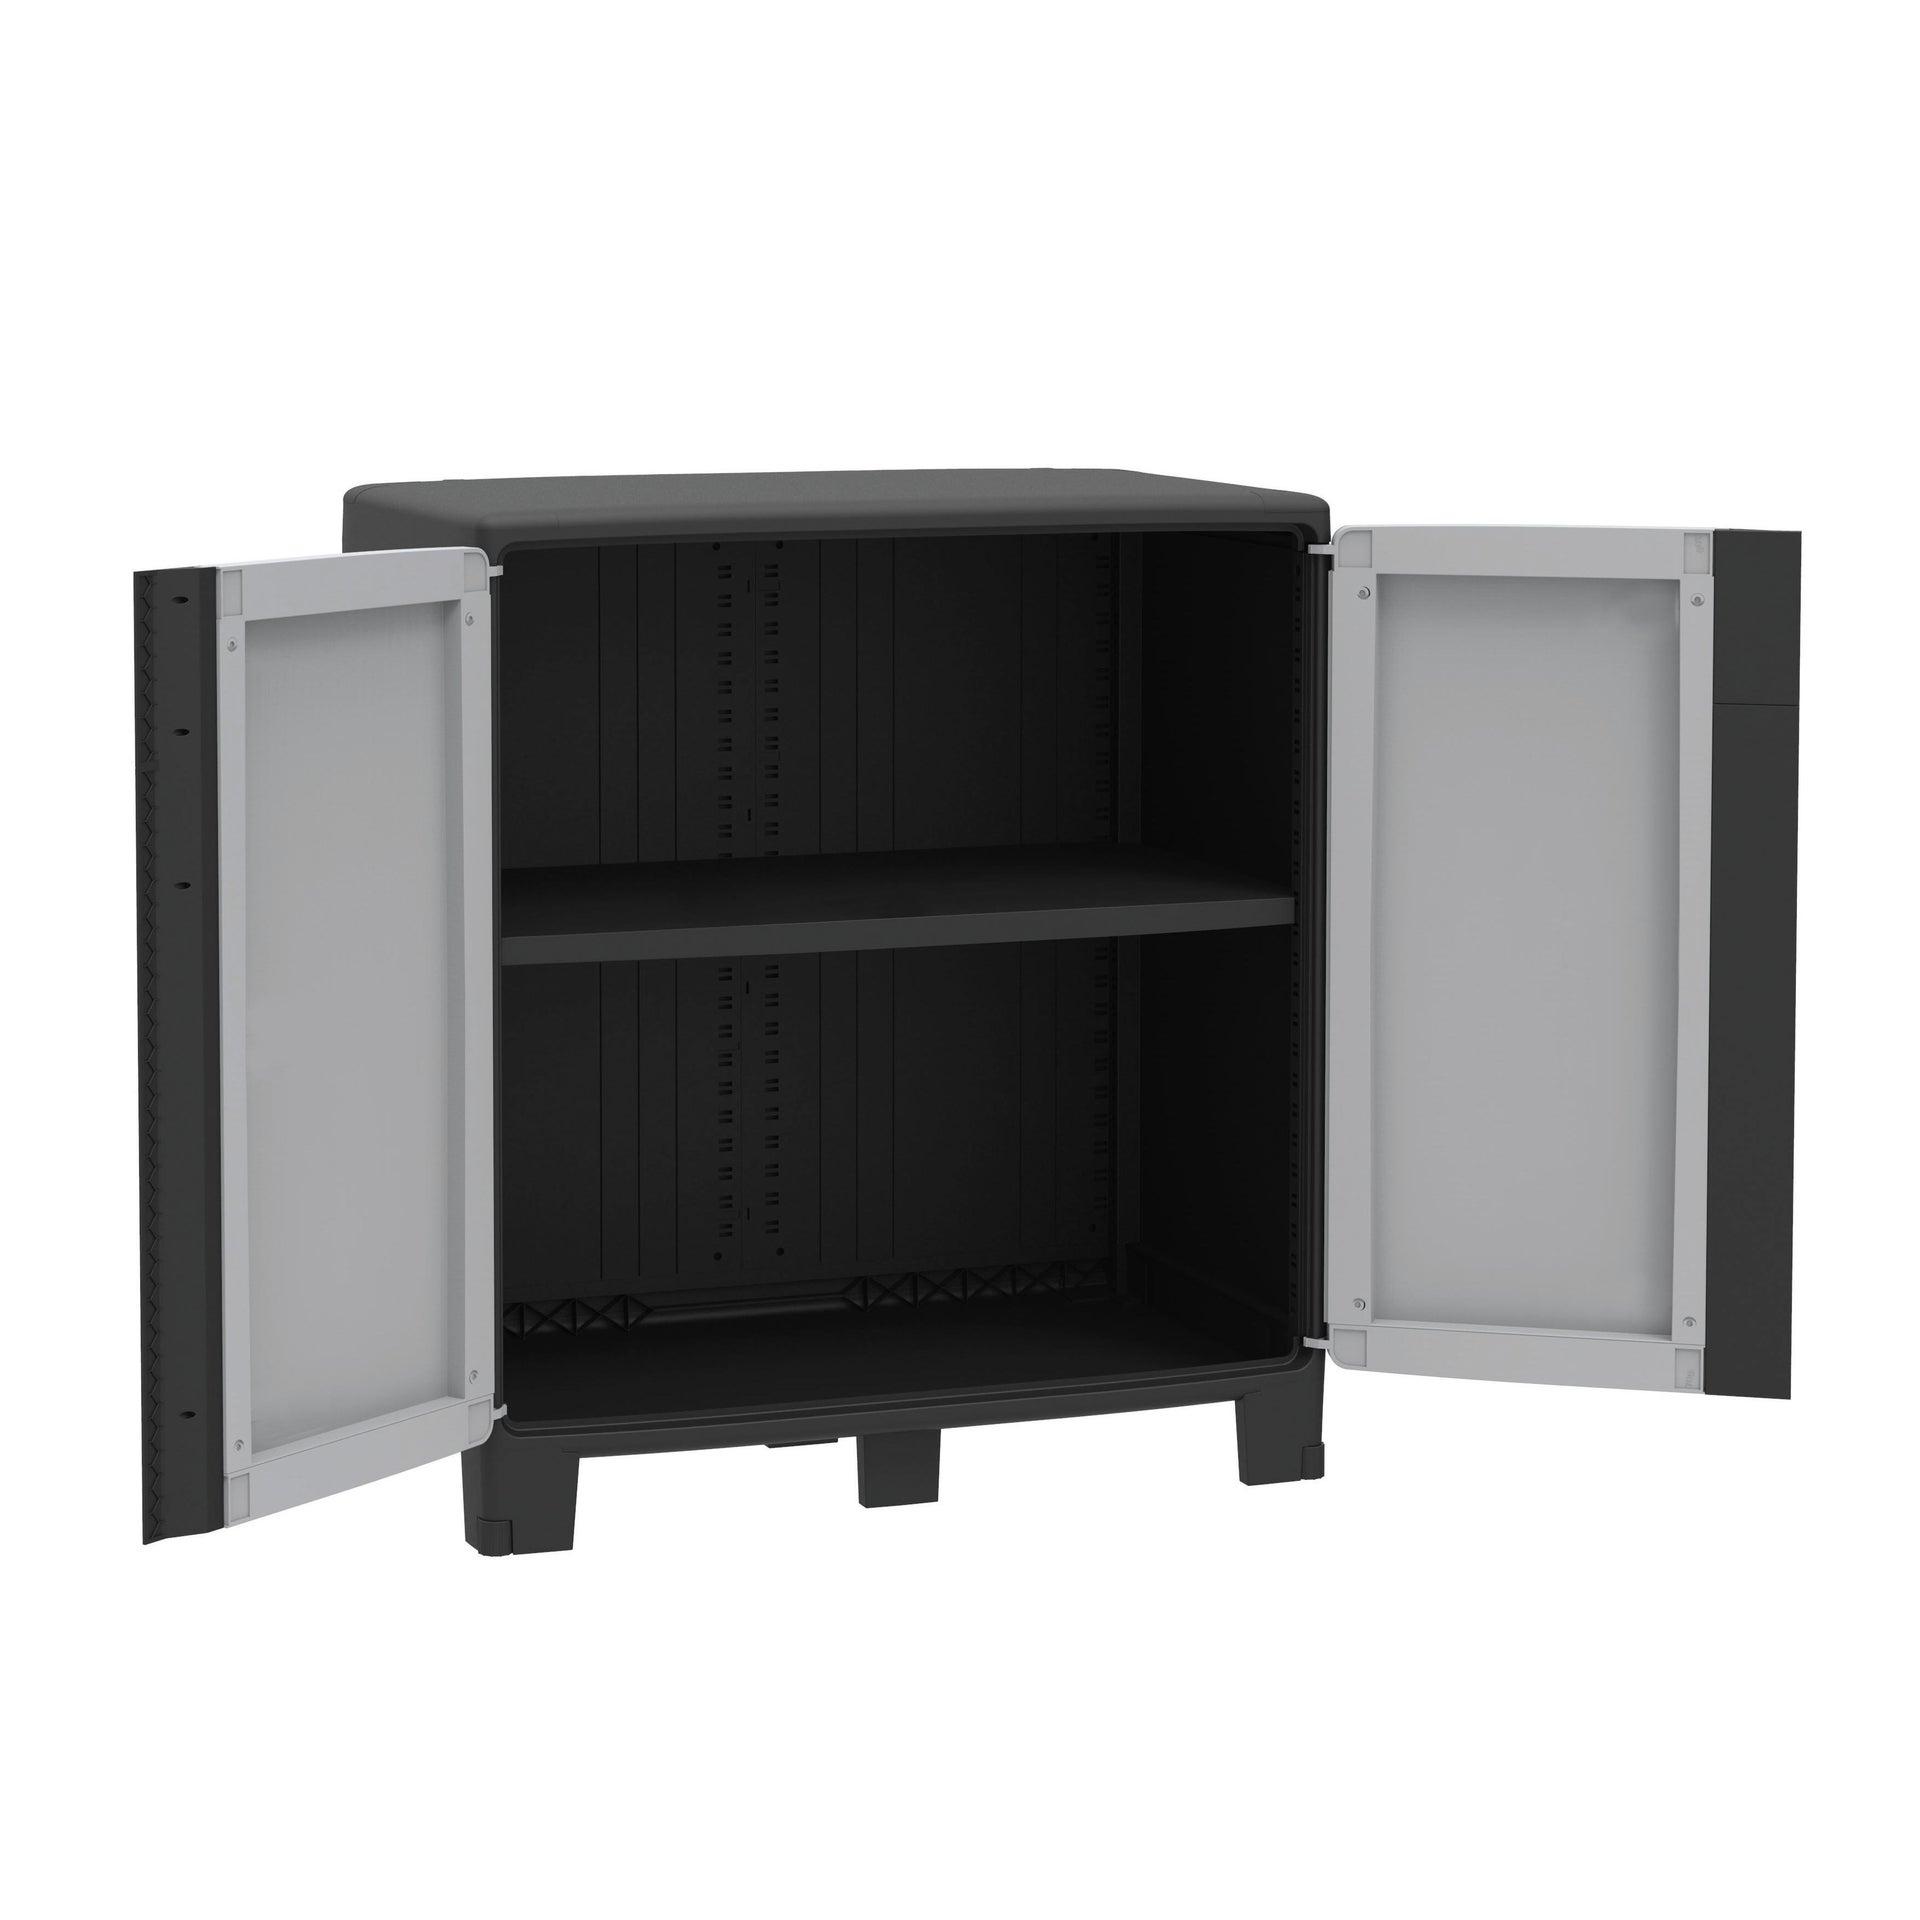 Armadio xl Spaceo cool L 85 x P 52 x H 93 cm grigio e nero - 3